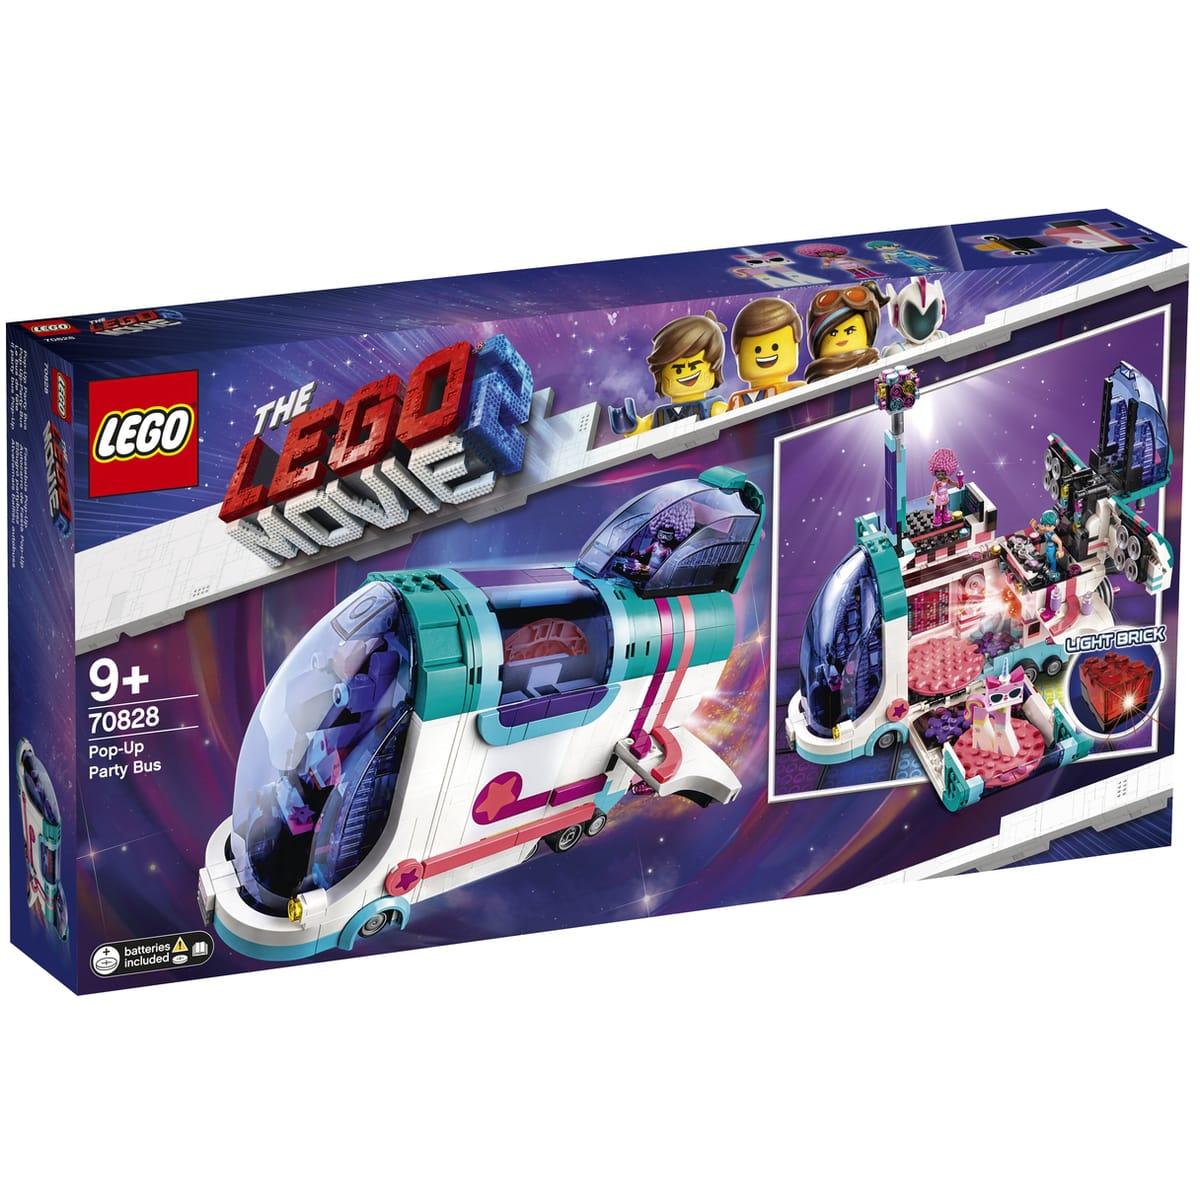 Sélection de jouets en promotion - Ex : Lego Movie 70828 - Le bus discothèque